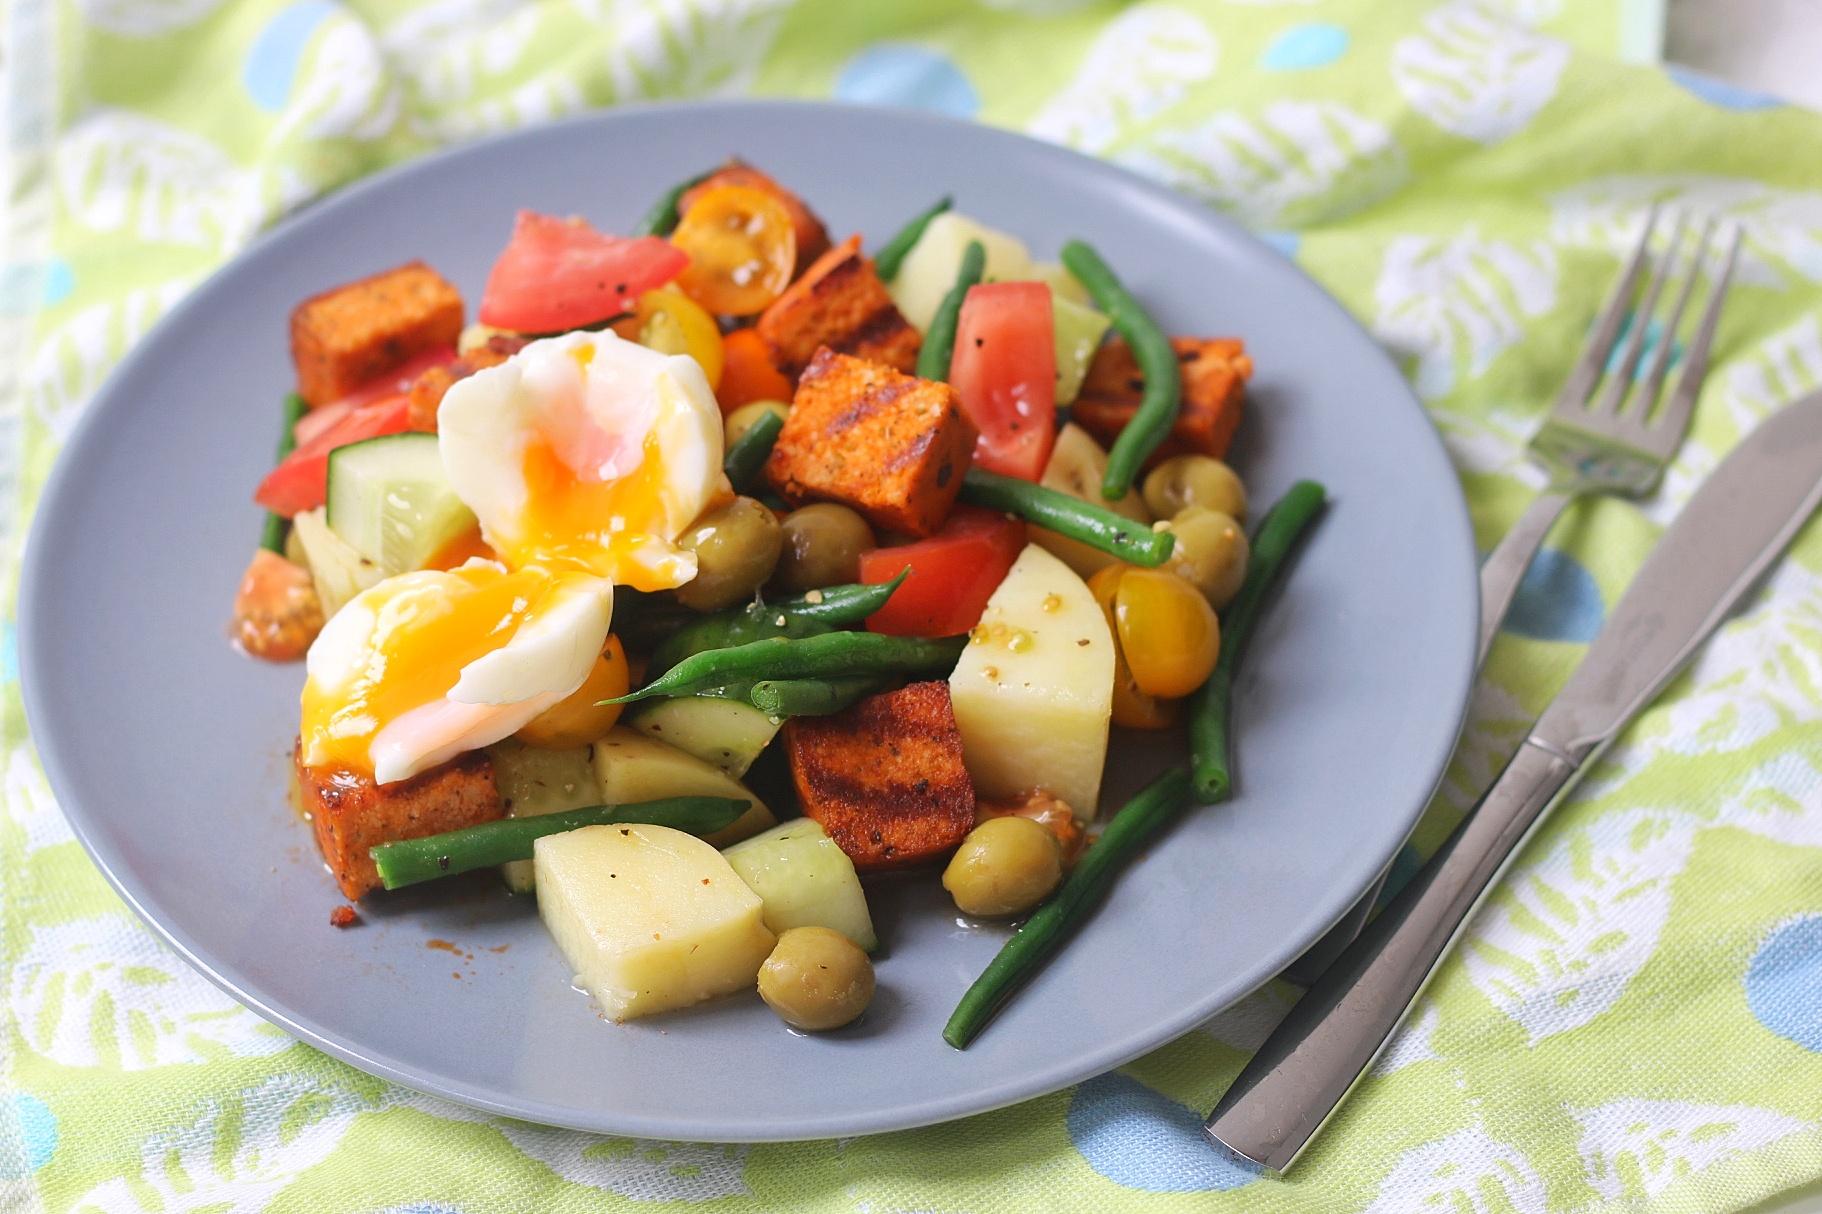 Tofu Nicoise Salad